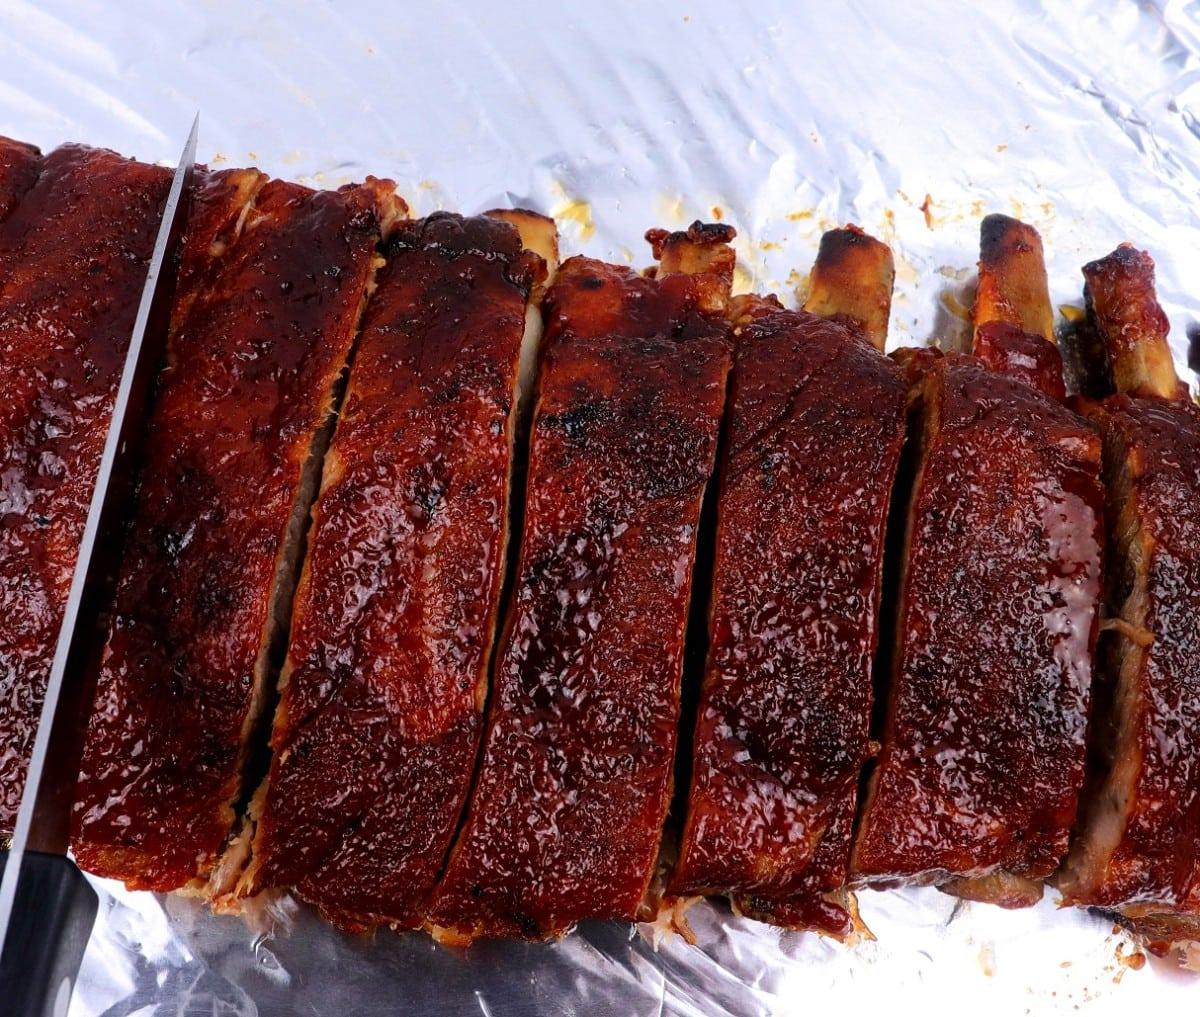 Slicing Barbecue Ribs